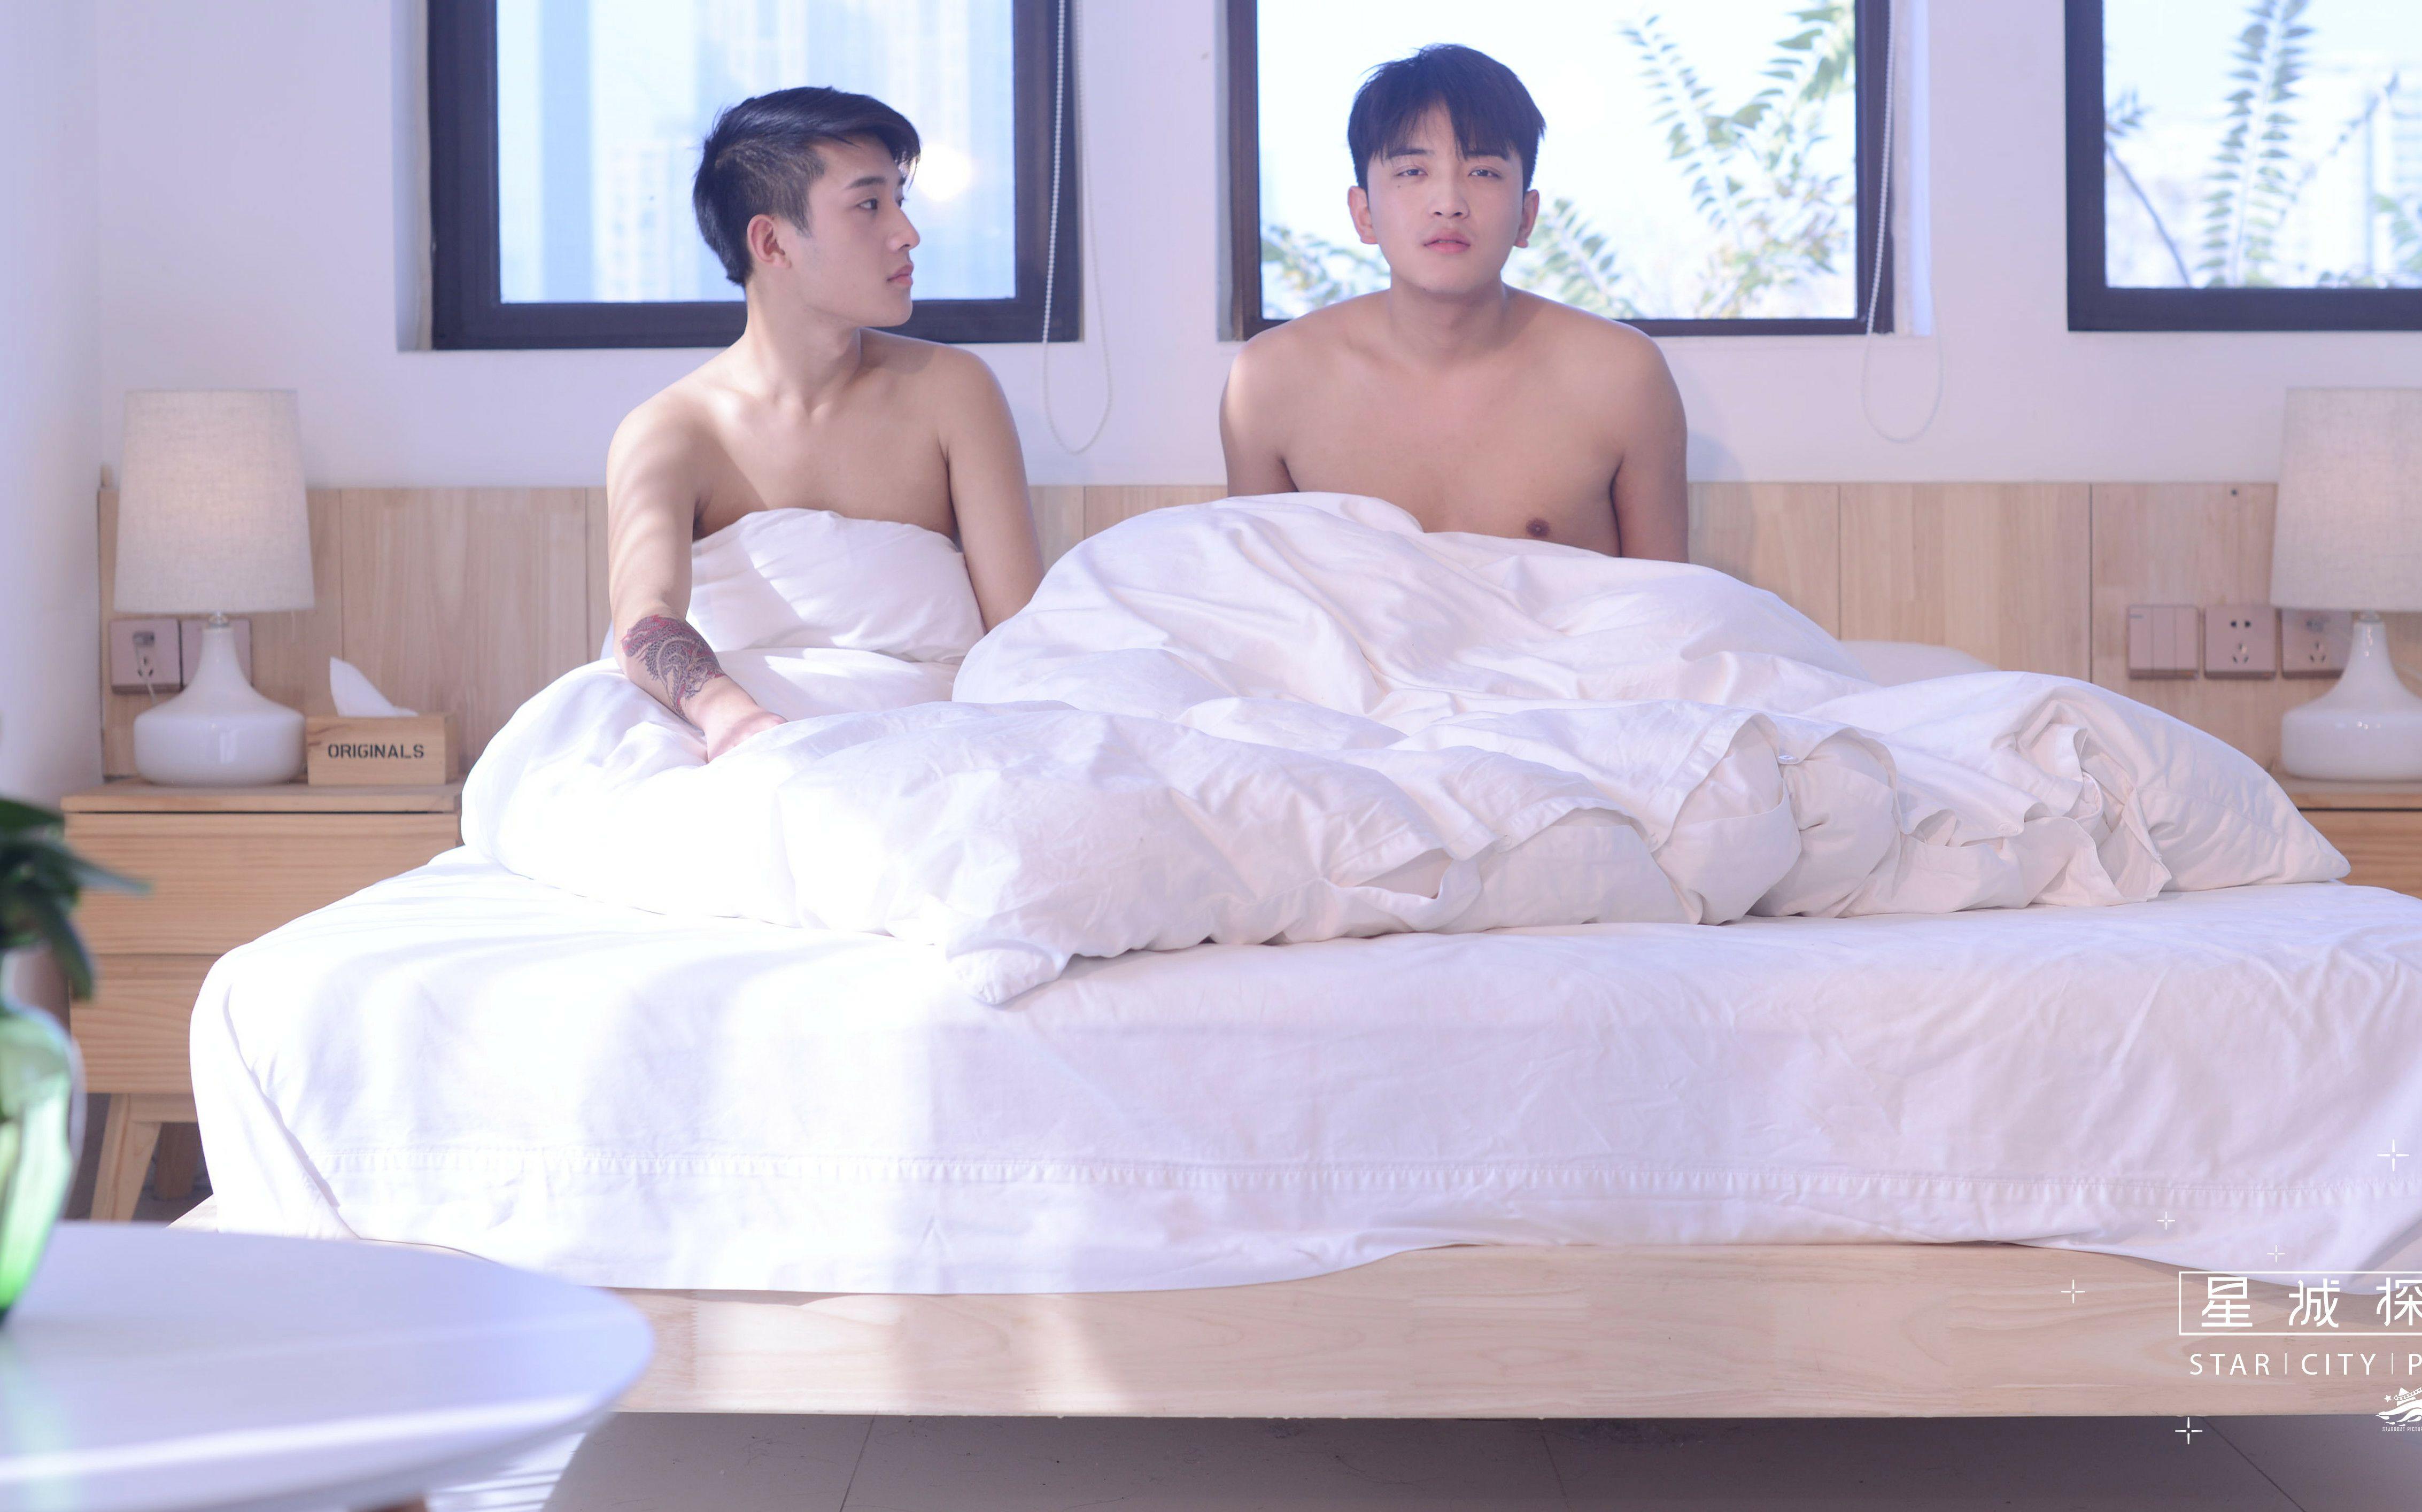 【泡面剧/授权上传】《星城探长》第一集【1080P】